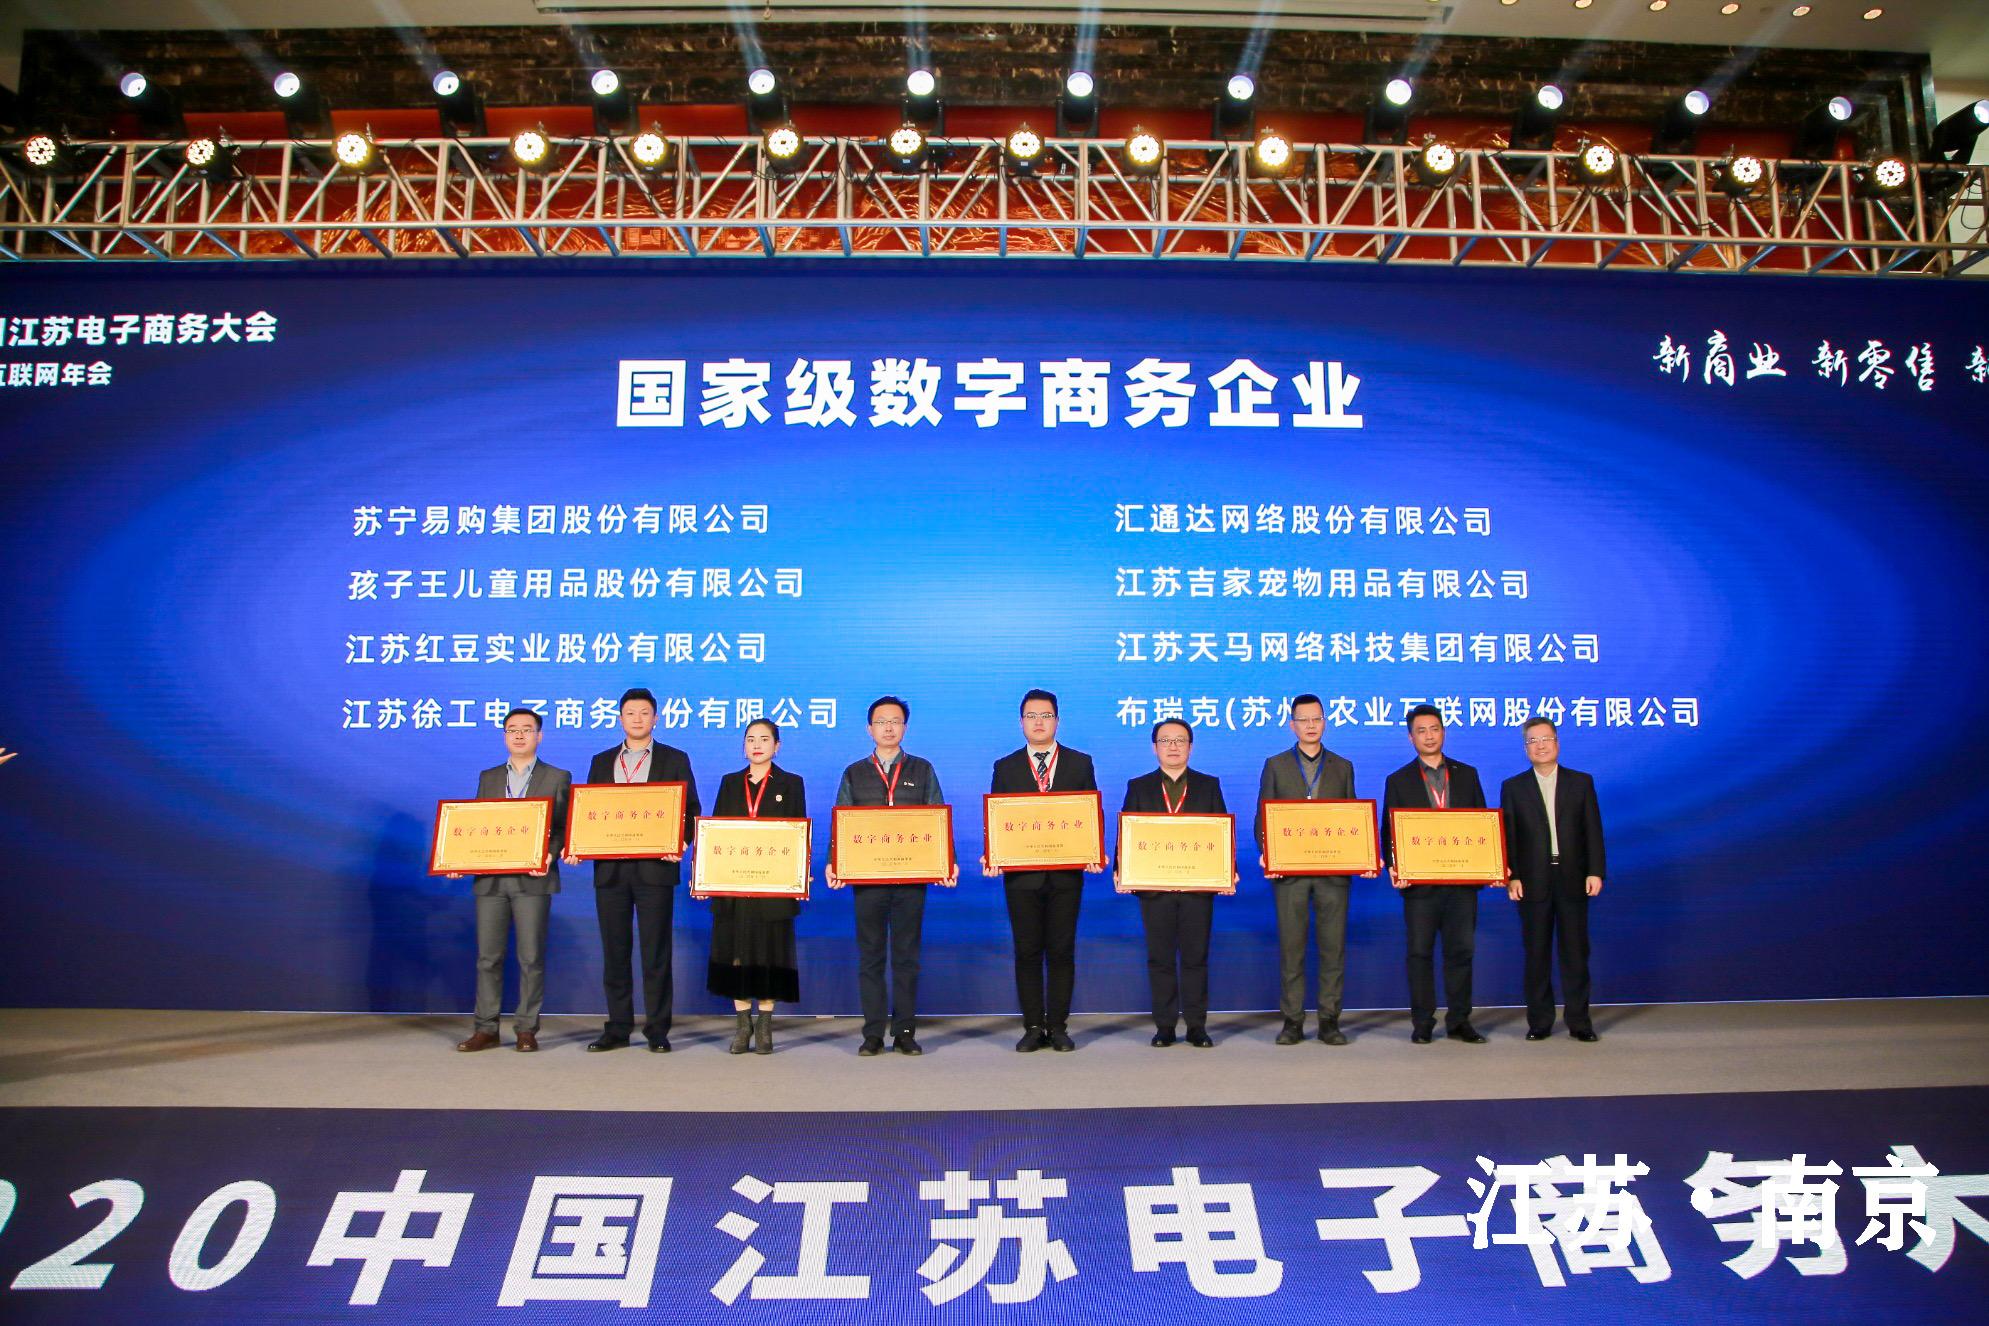 2020中国江苏电子商务大会召开 江苏8家企业入选国家级数字商务企业